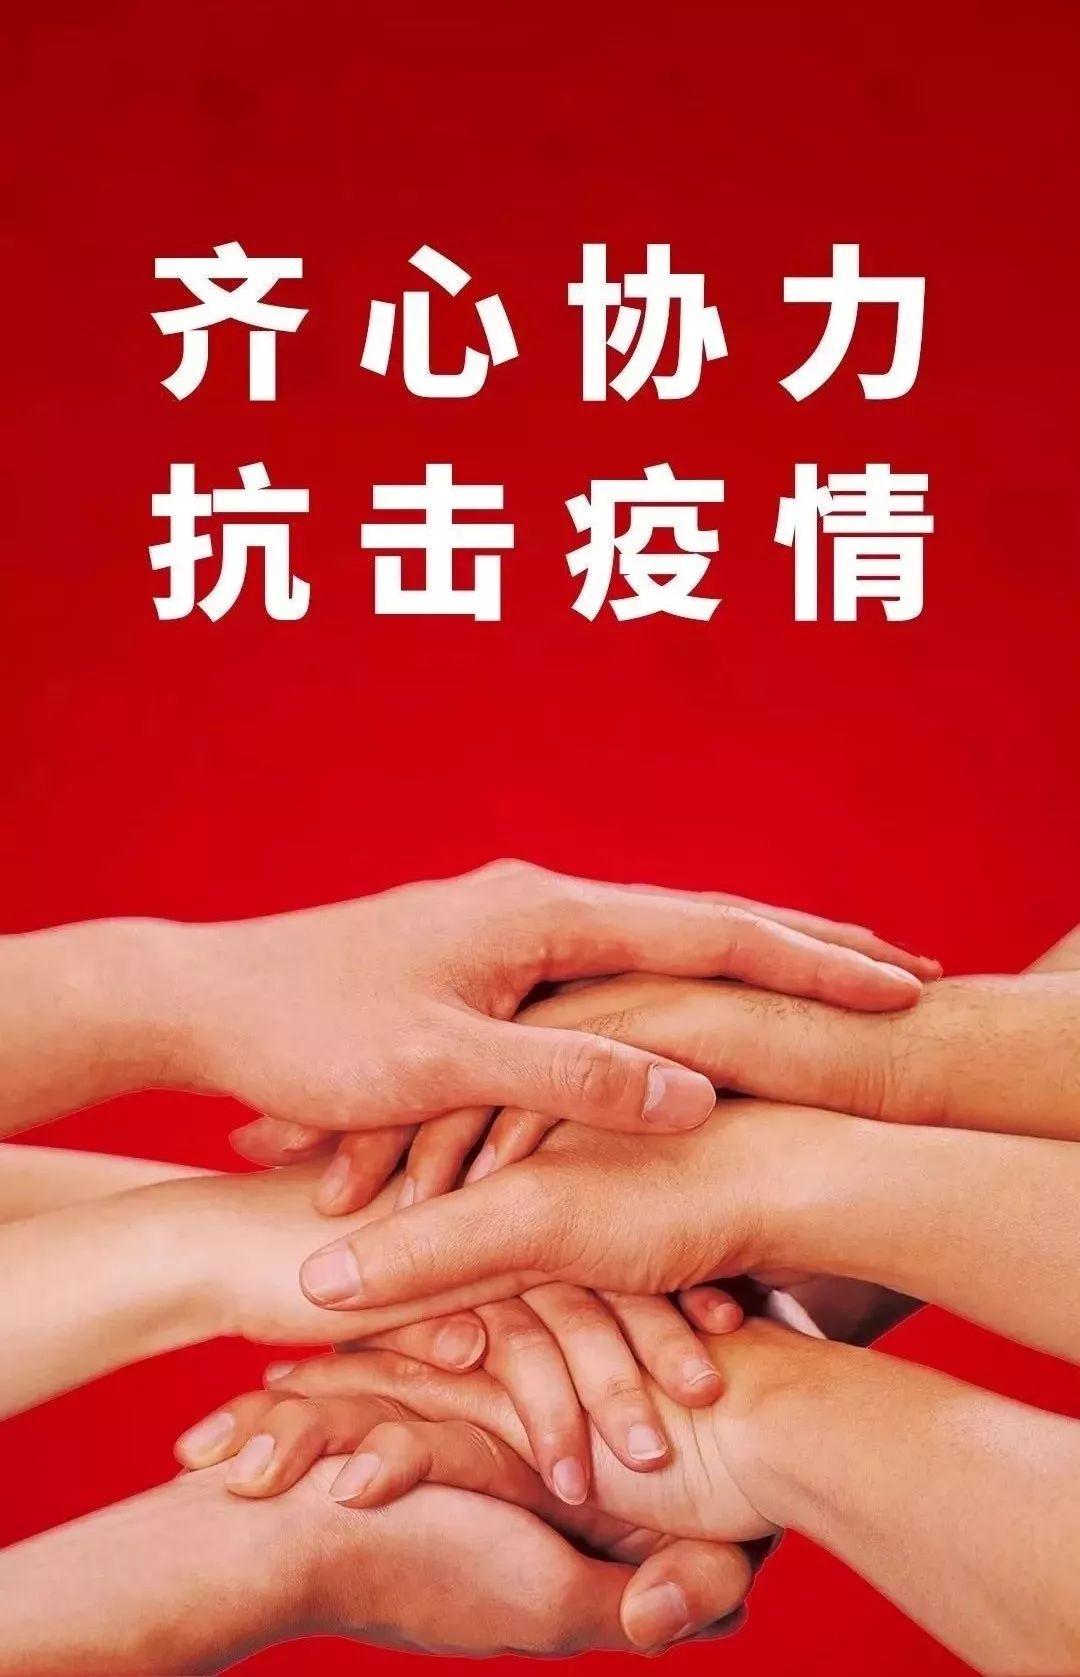 暖心!社会各界爱心捐赠涌向都江堰市疫情防控第一线!